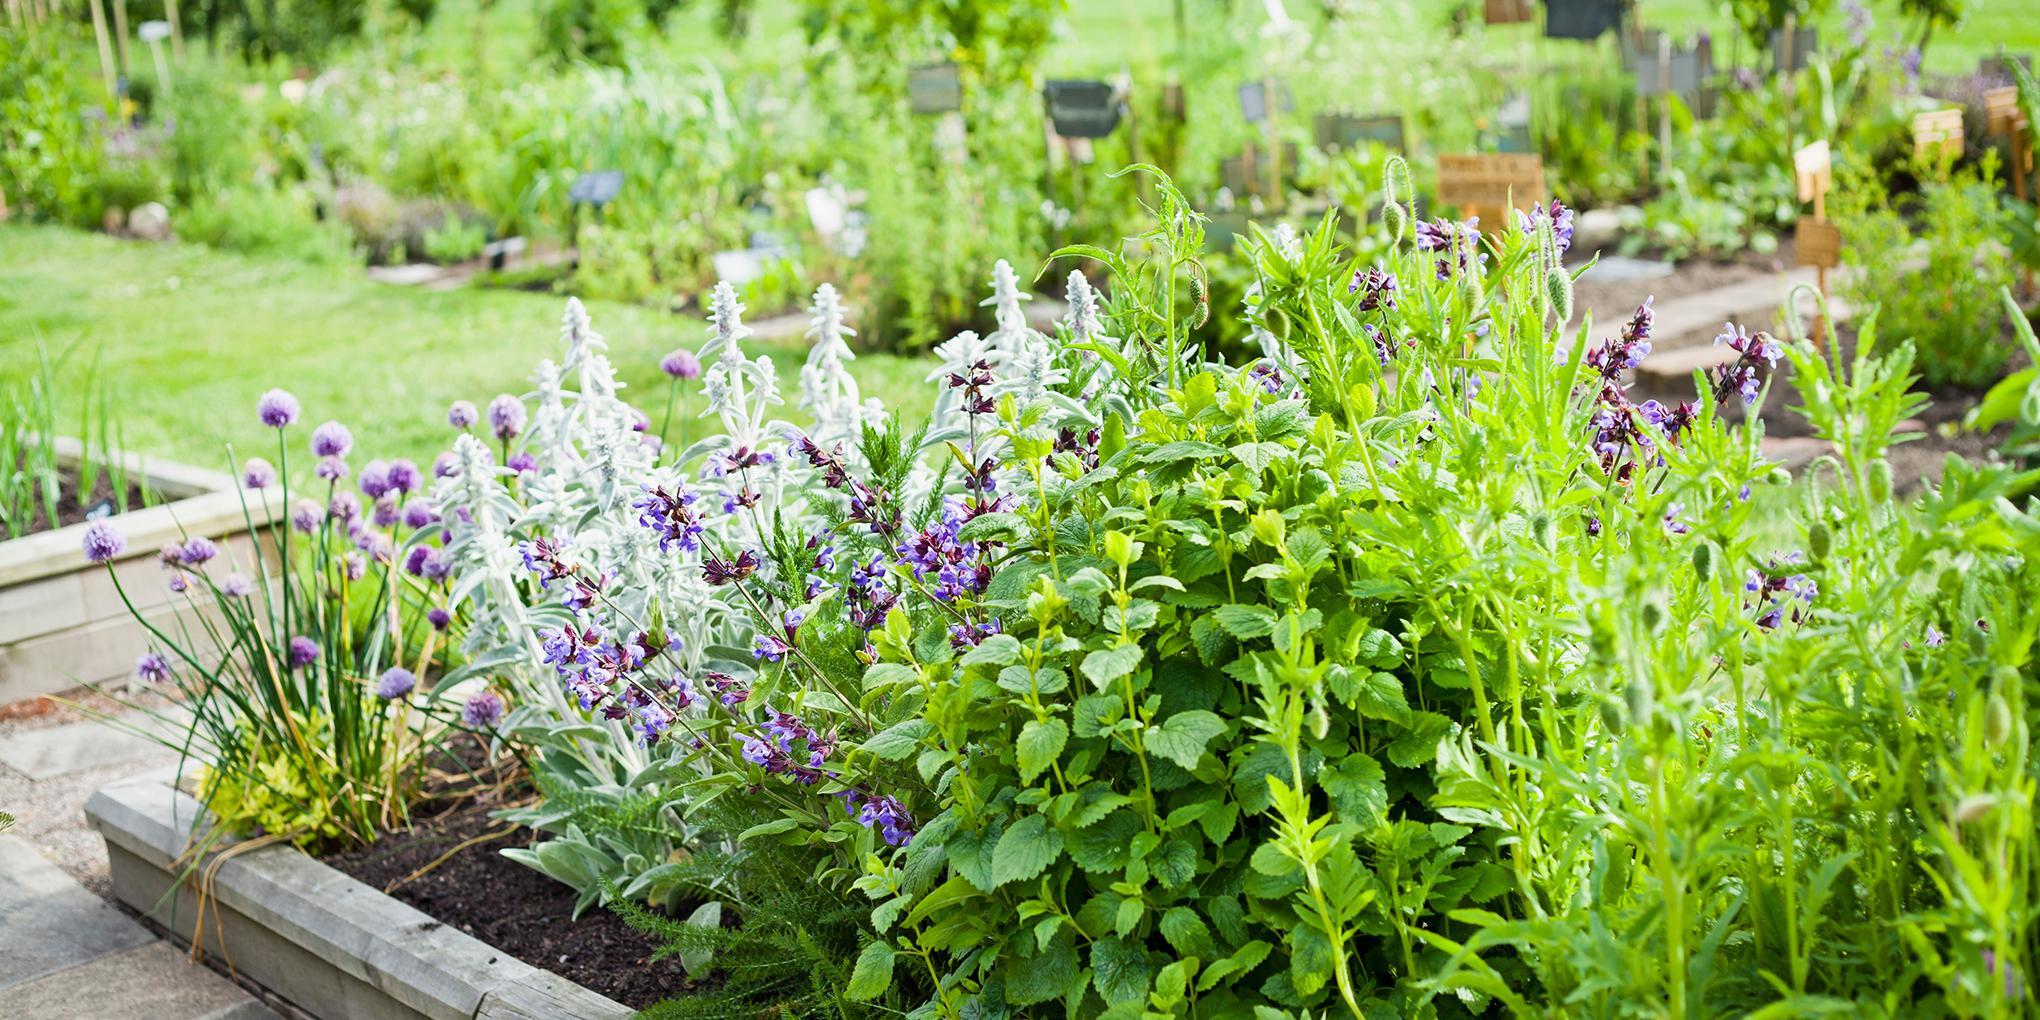 bloeiende kruidentuin met rozemarijn, bieslook, munt en andere kruiden.